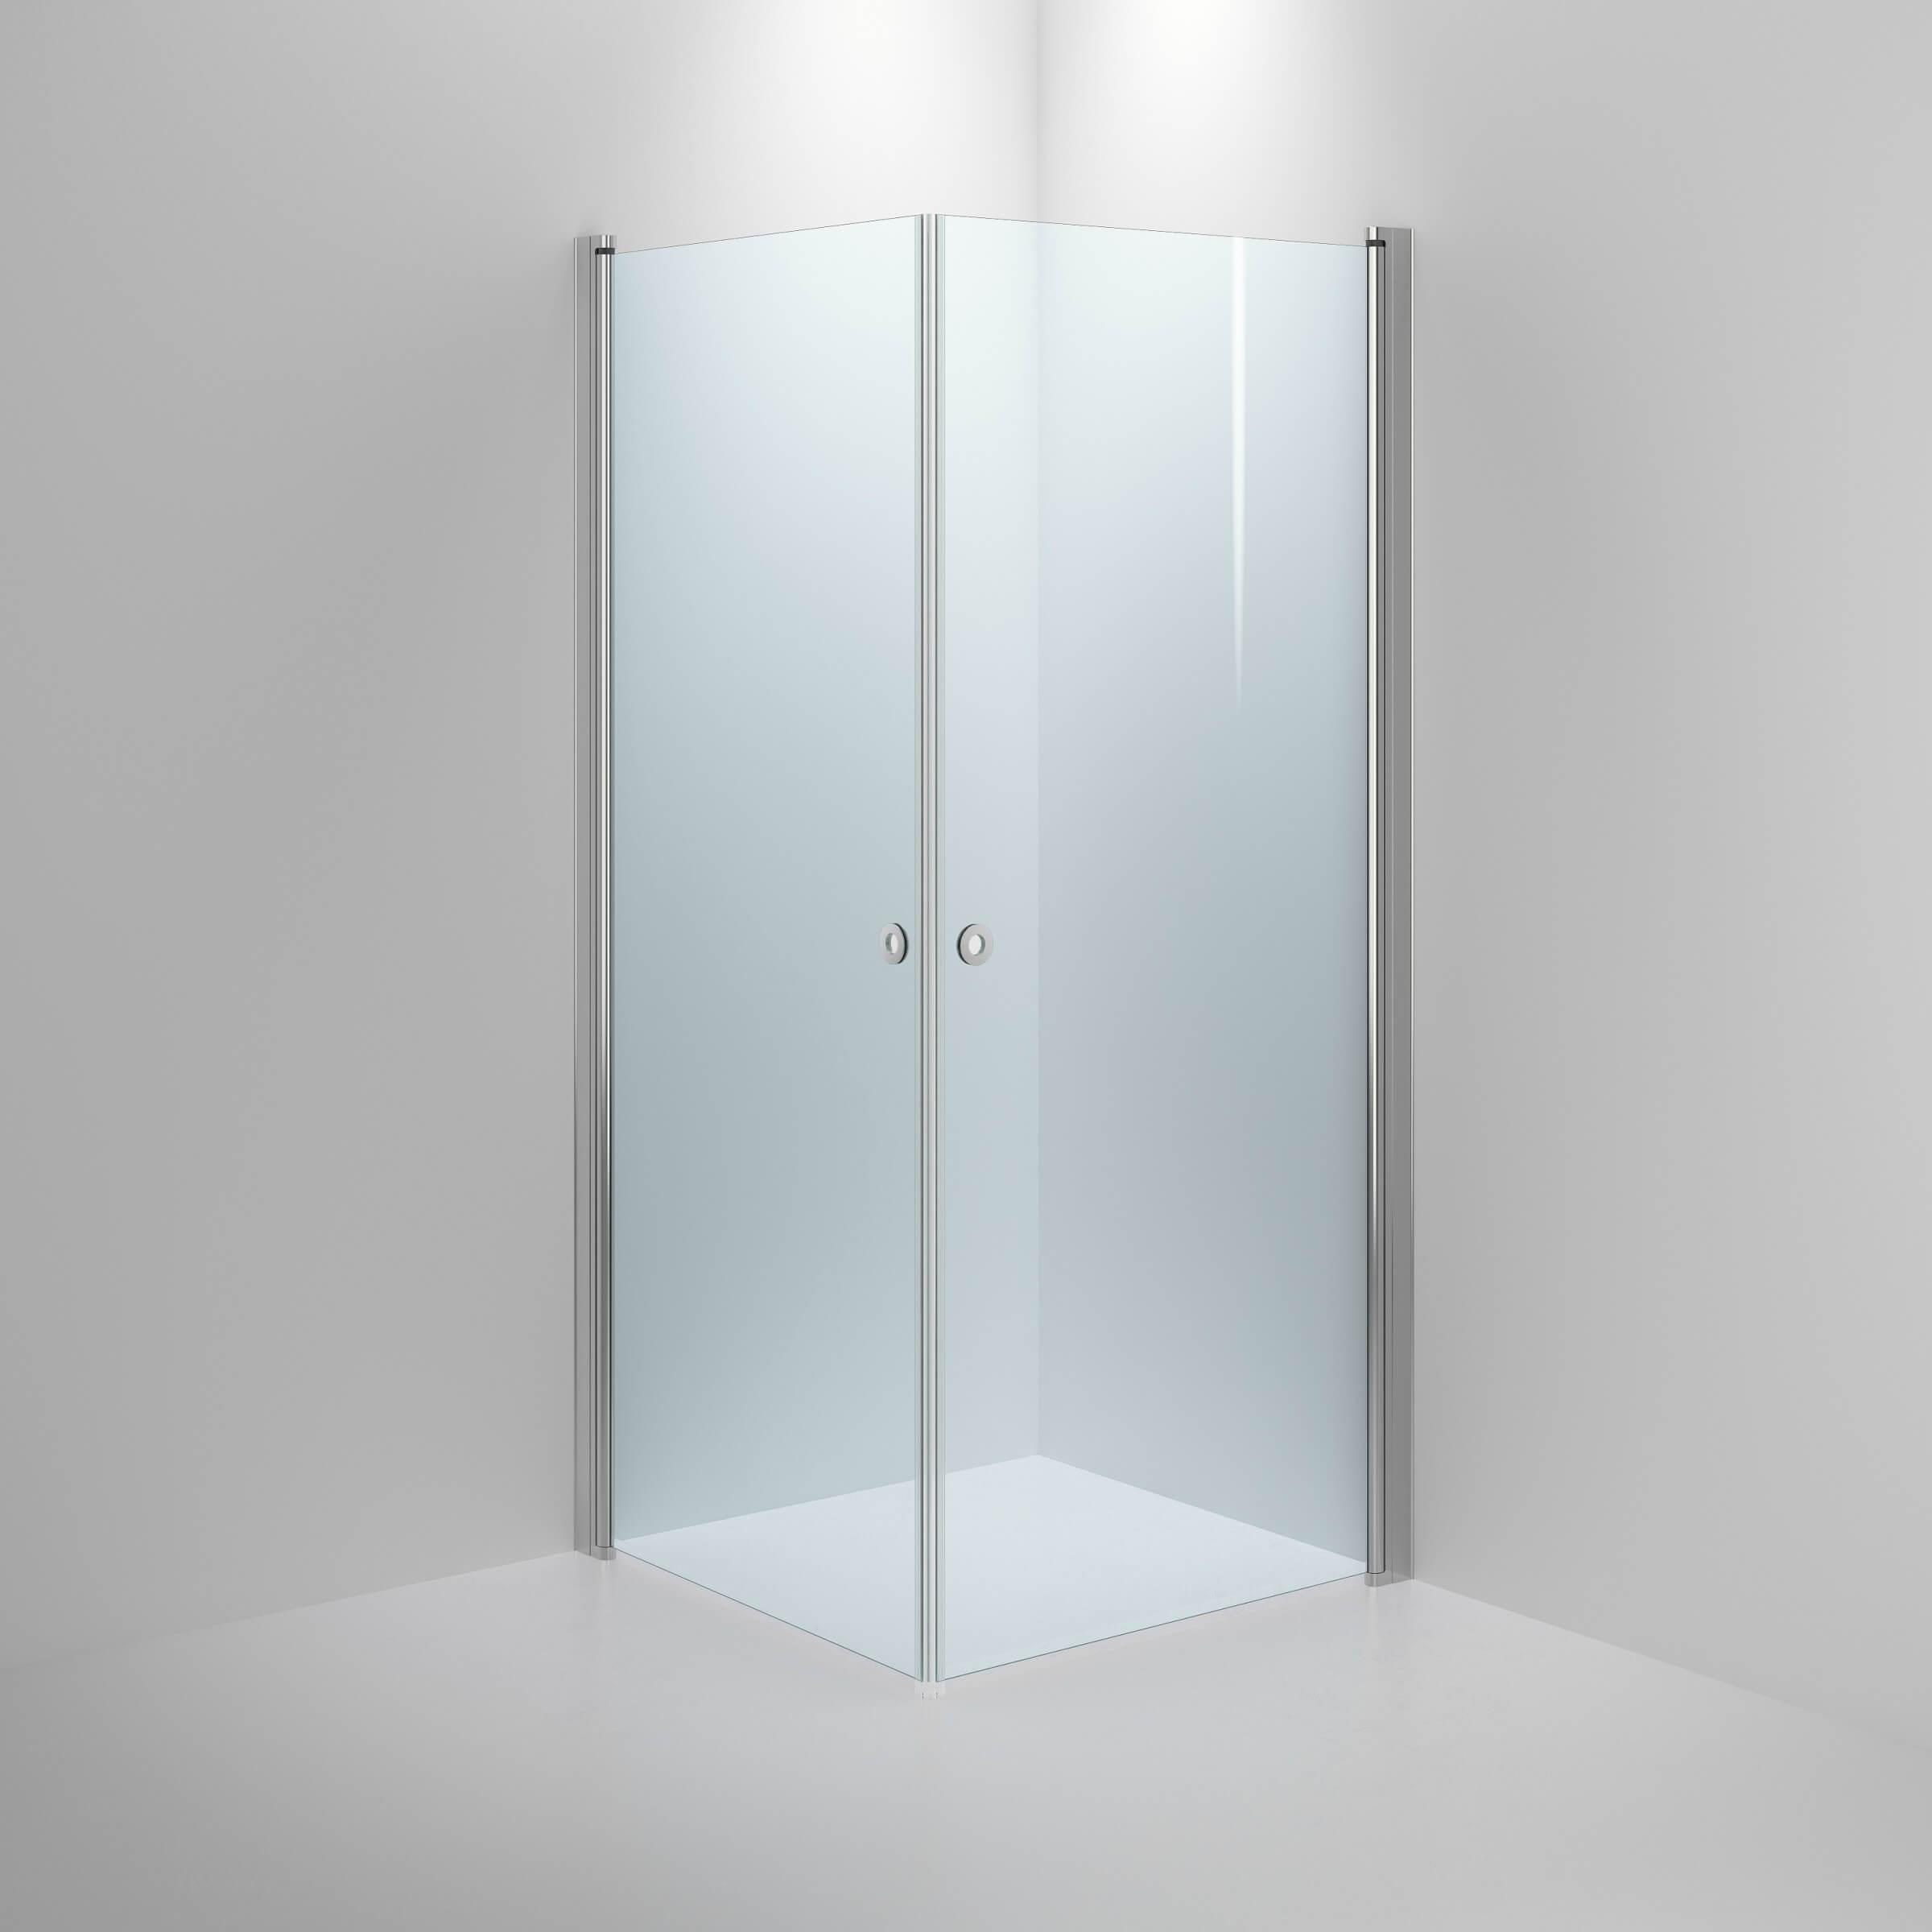 Seneste Bruseløsninger til badeværelset - Guide til brusekabiner XX25